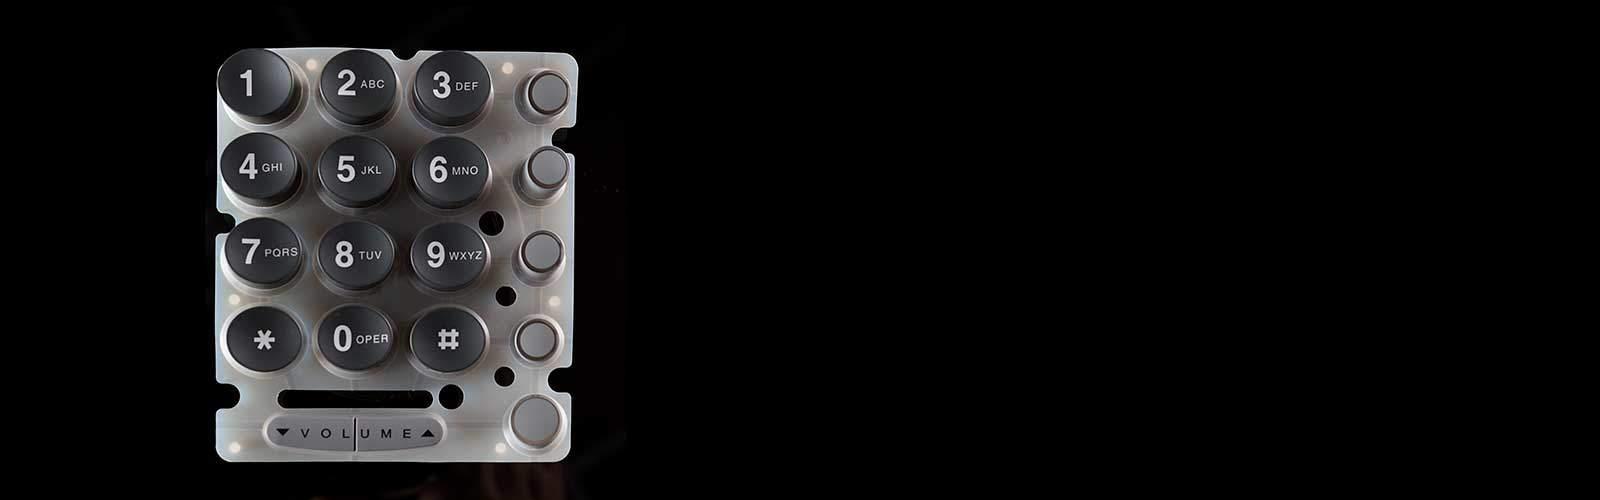 Silikontastatur Ziffernblock durchleuchtend von mentec®